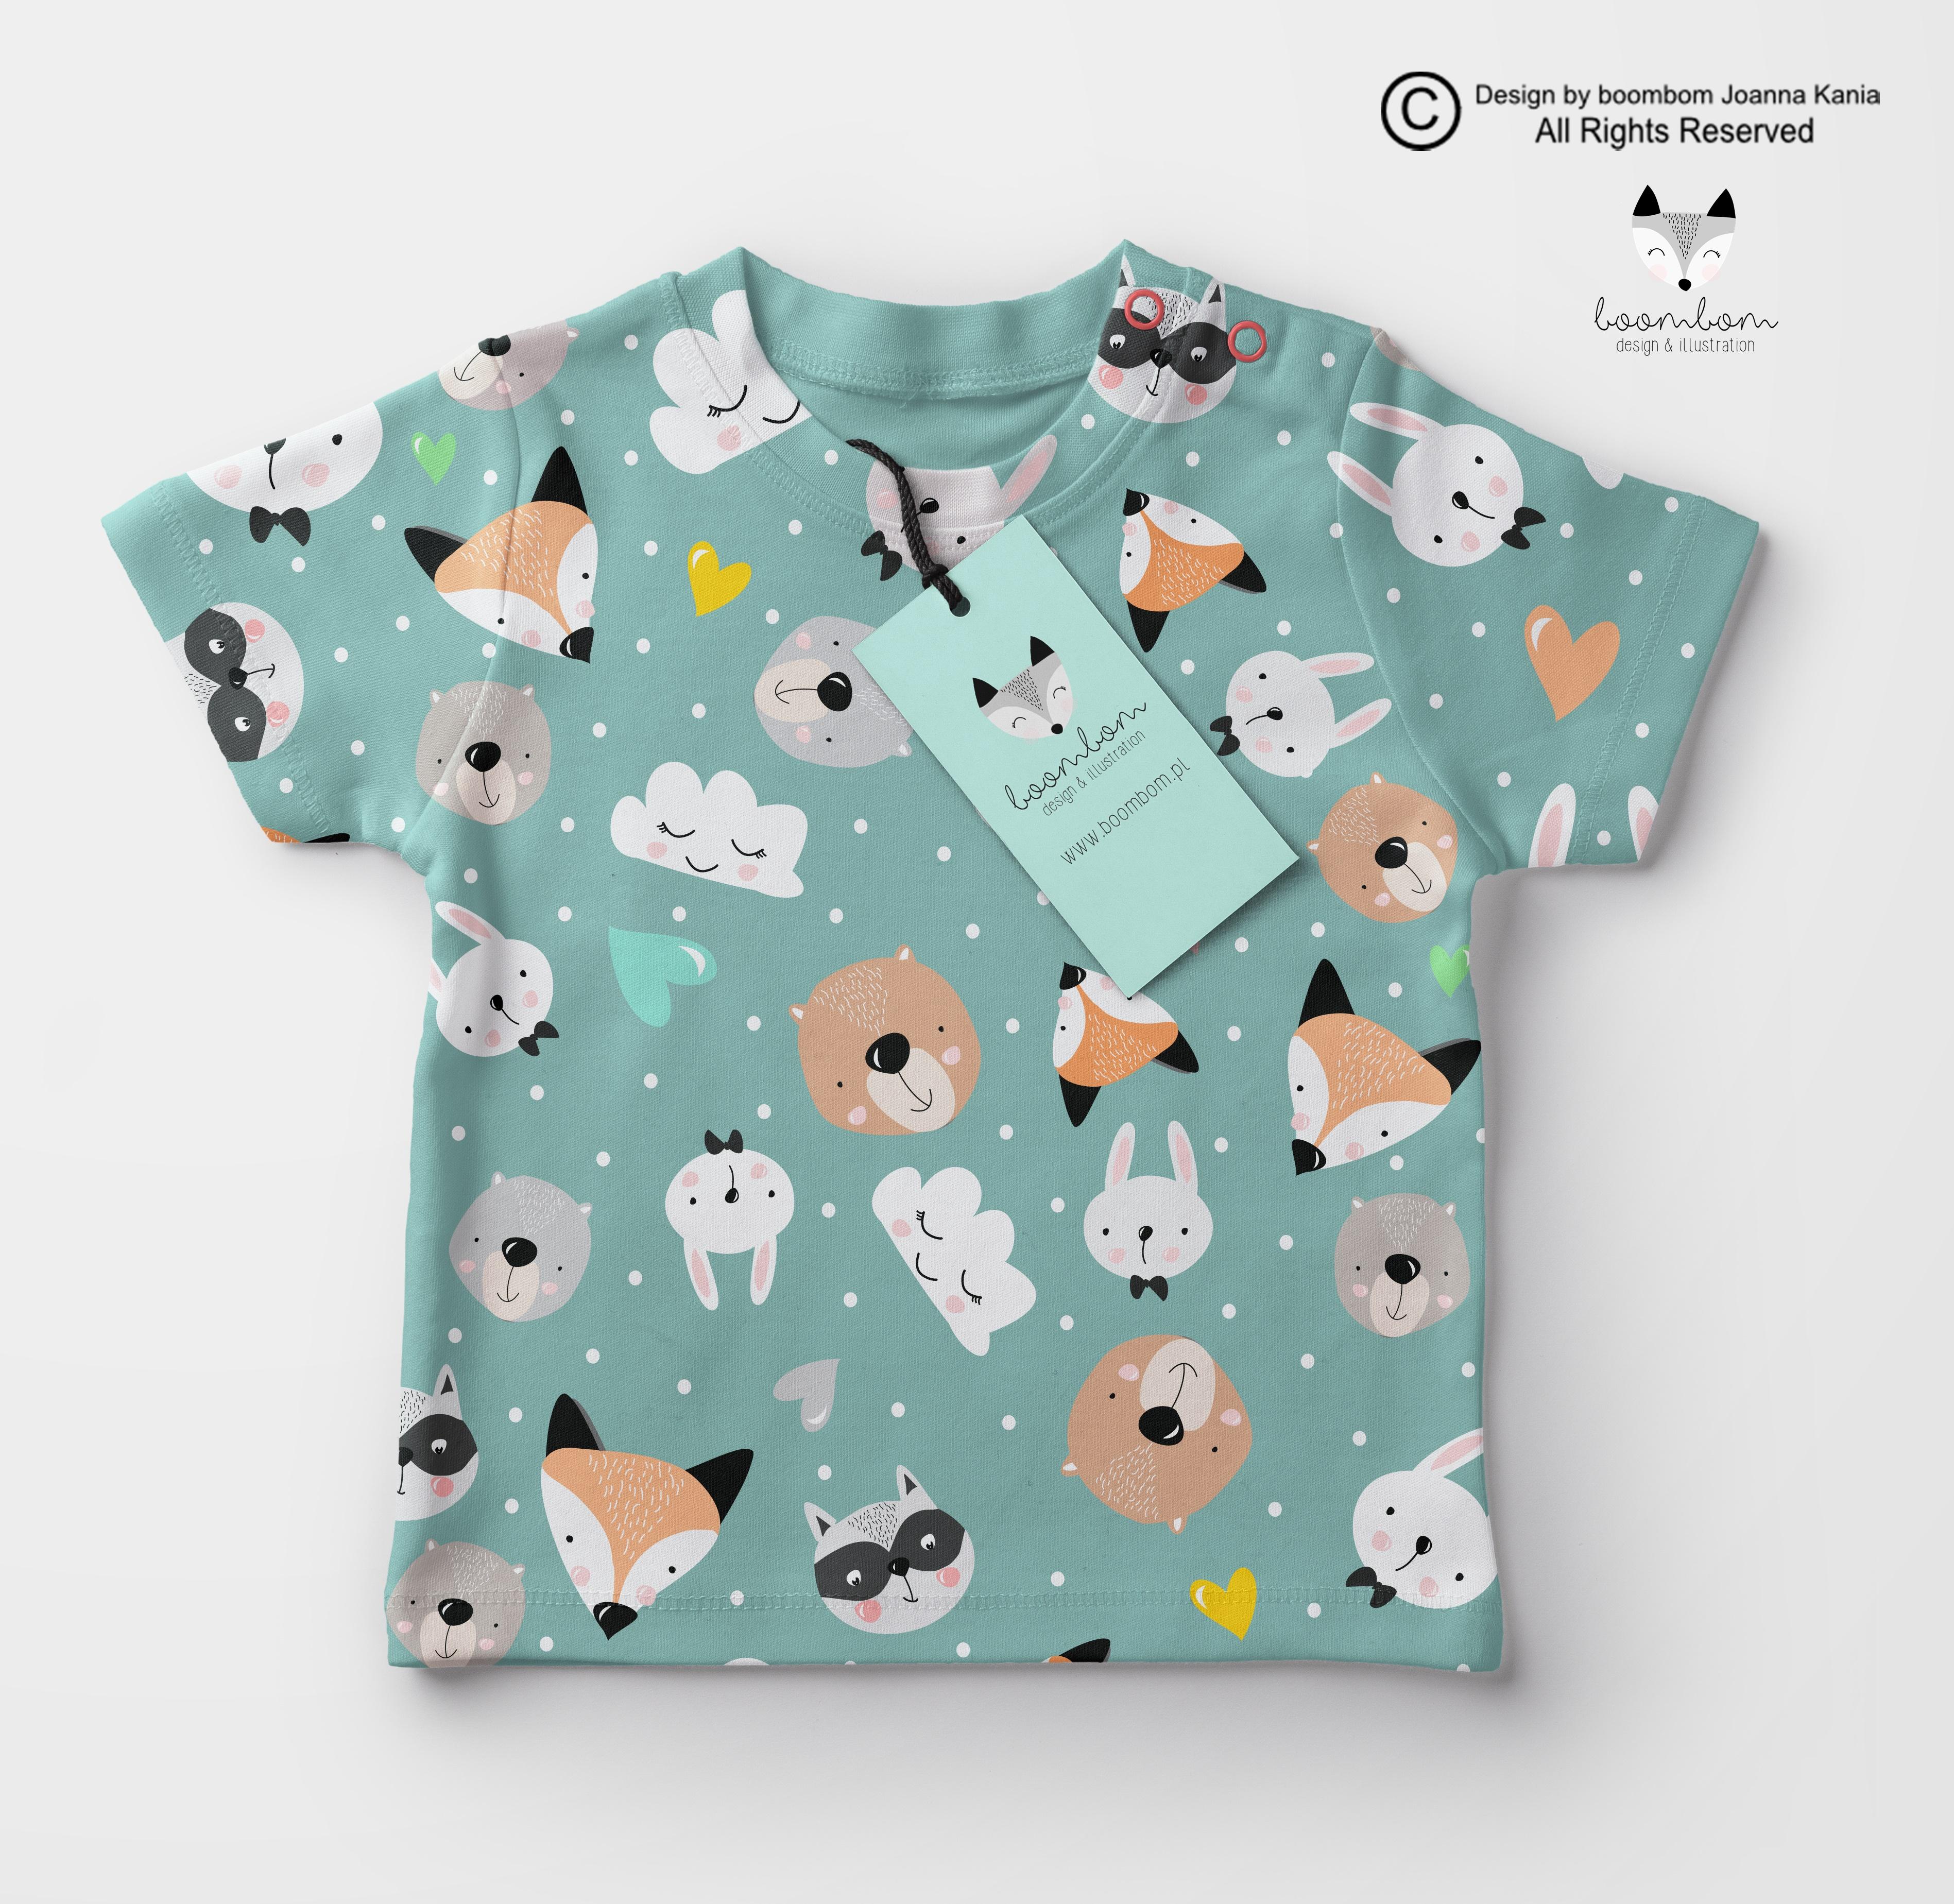 boombom t-shirt